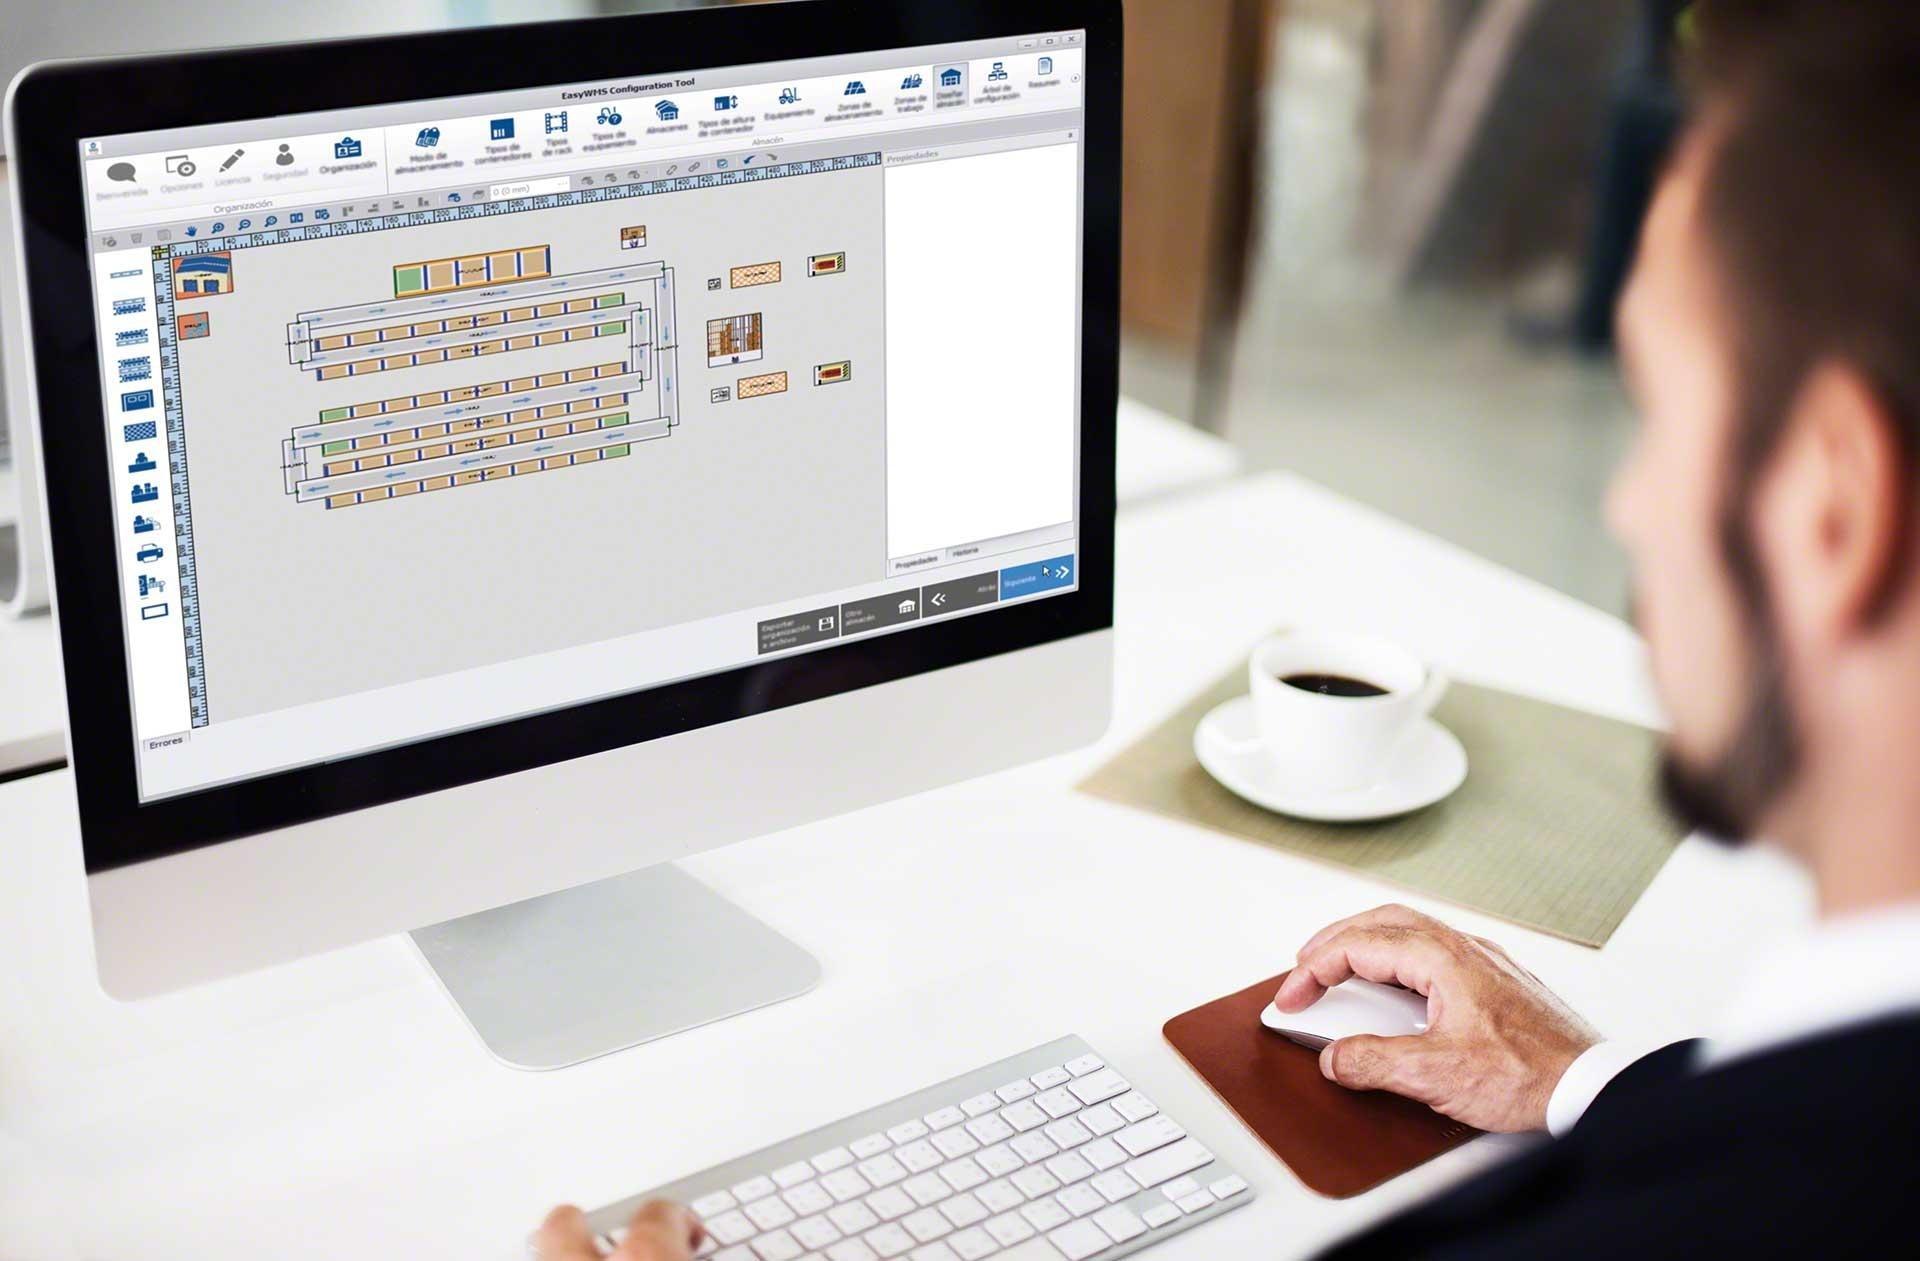 Centro de P&D de soluções de software da Mecalux em Salamanca.